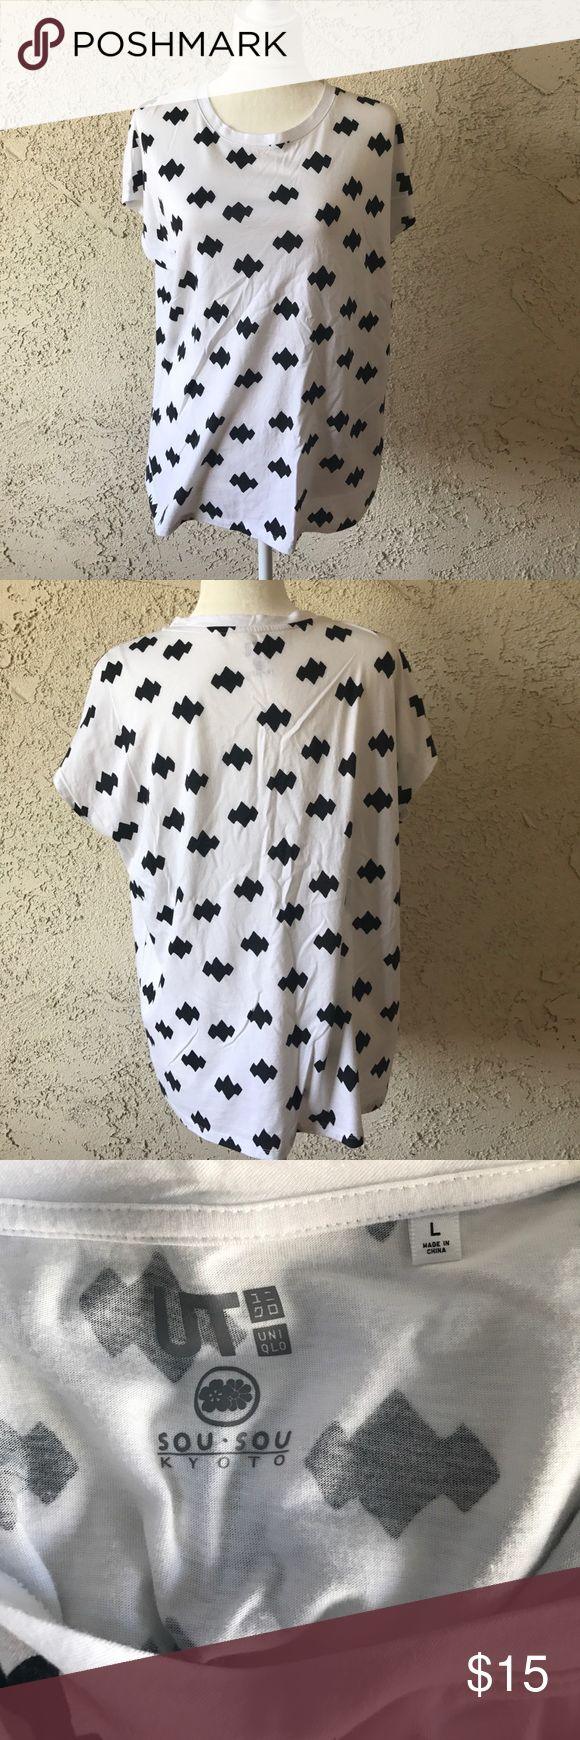 Uniqlo T shirt It is the sou sou Kyoto line at Uniqlo Uniqlo Tops